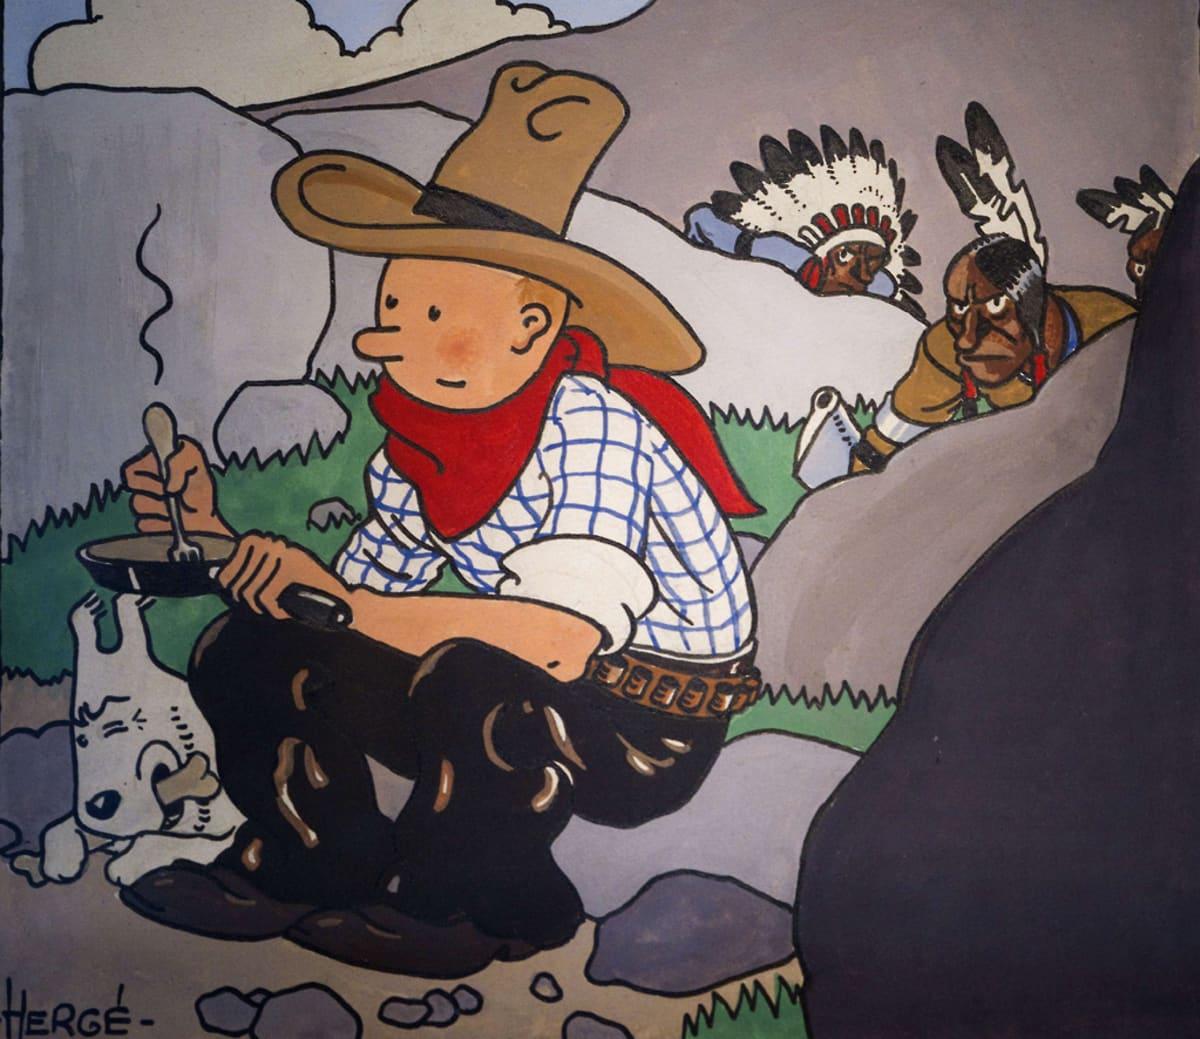 Piirros, joss cowboy-asuinen Tintti istuu kivellä Milou-koira rinnallaan ja heidän takanaan hiipii kirveillä aseistautuneita intiaaneja.